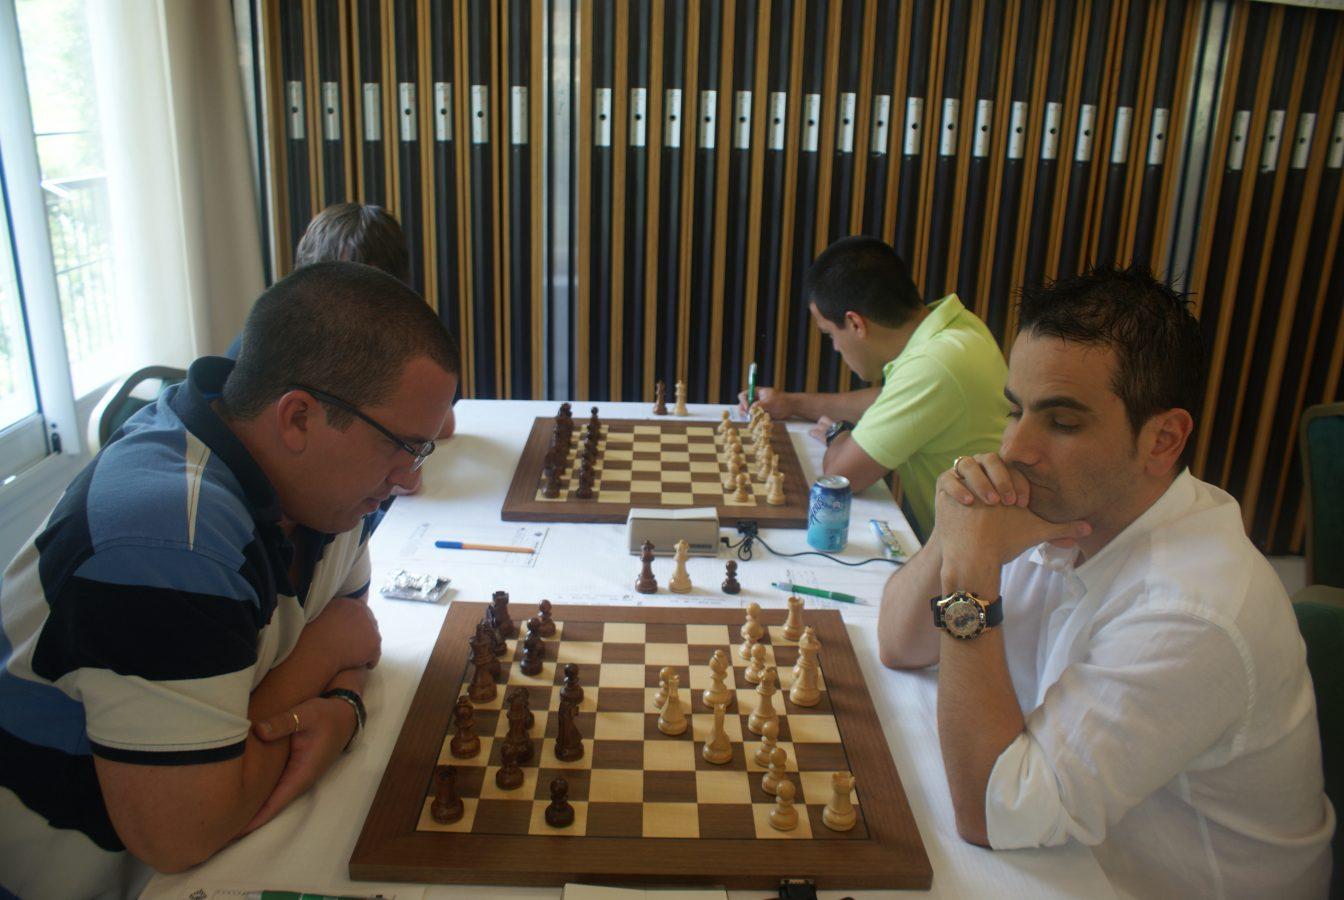 31 Open Andorra Hotel St.Gothard – Ronda 7